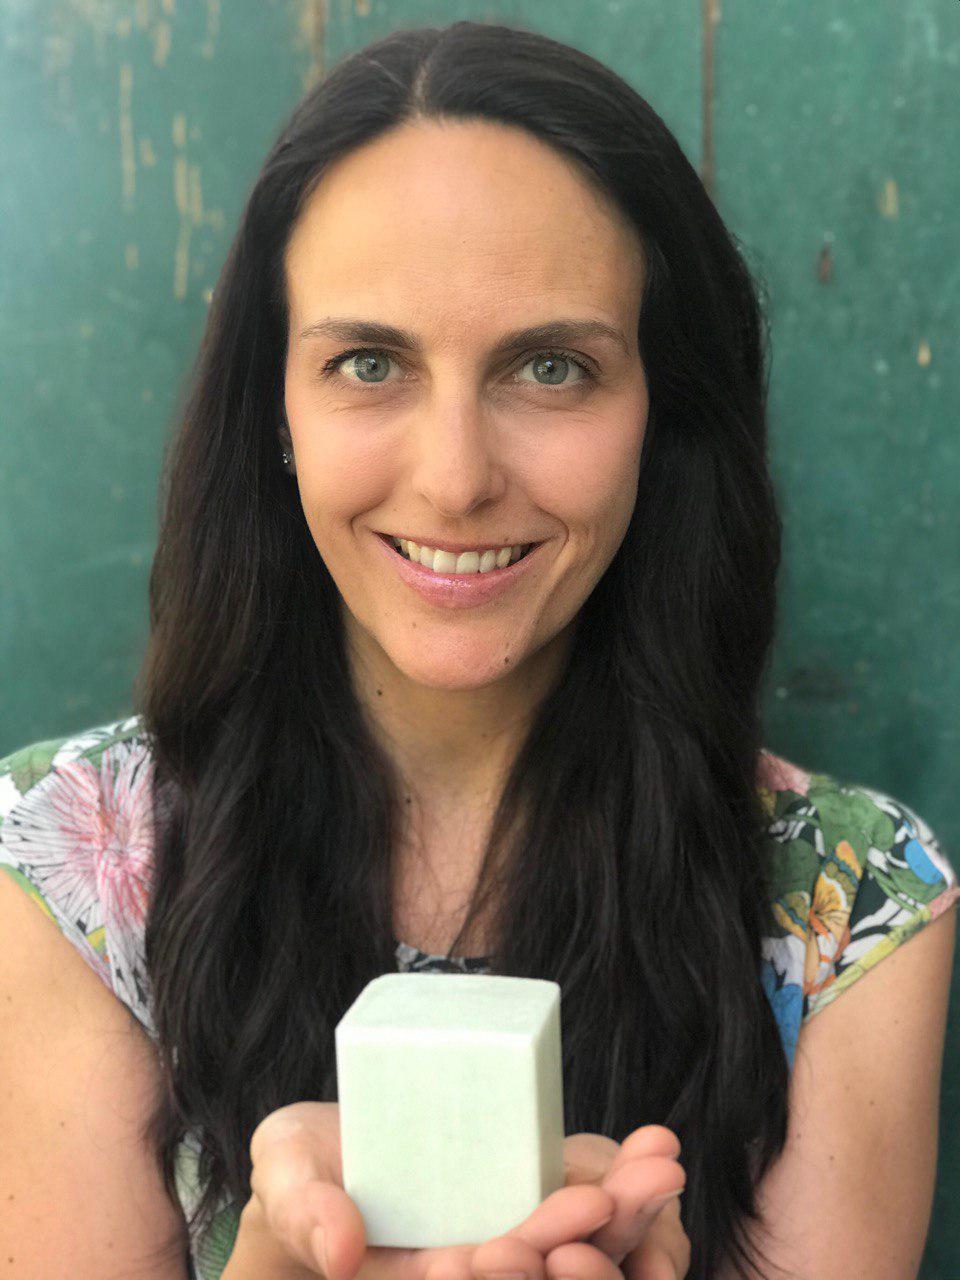 Detersivo per piatti solido: svolta per donne eco con budget da massaia